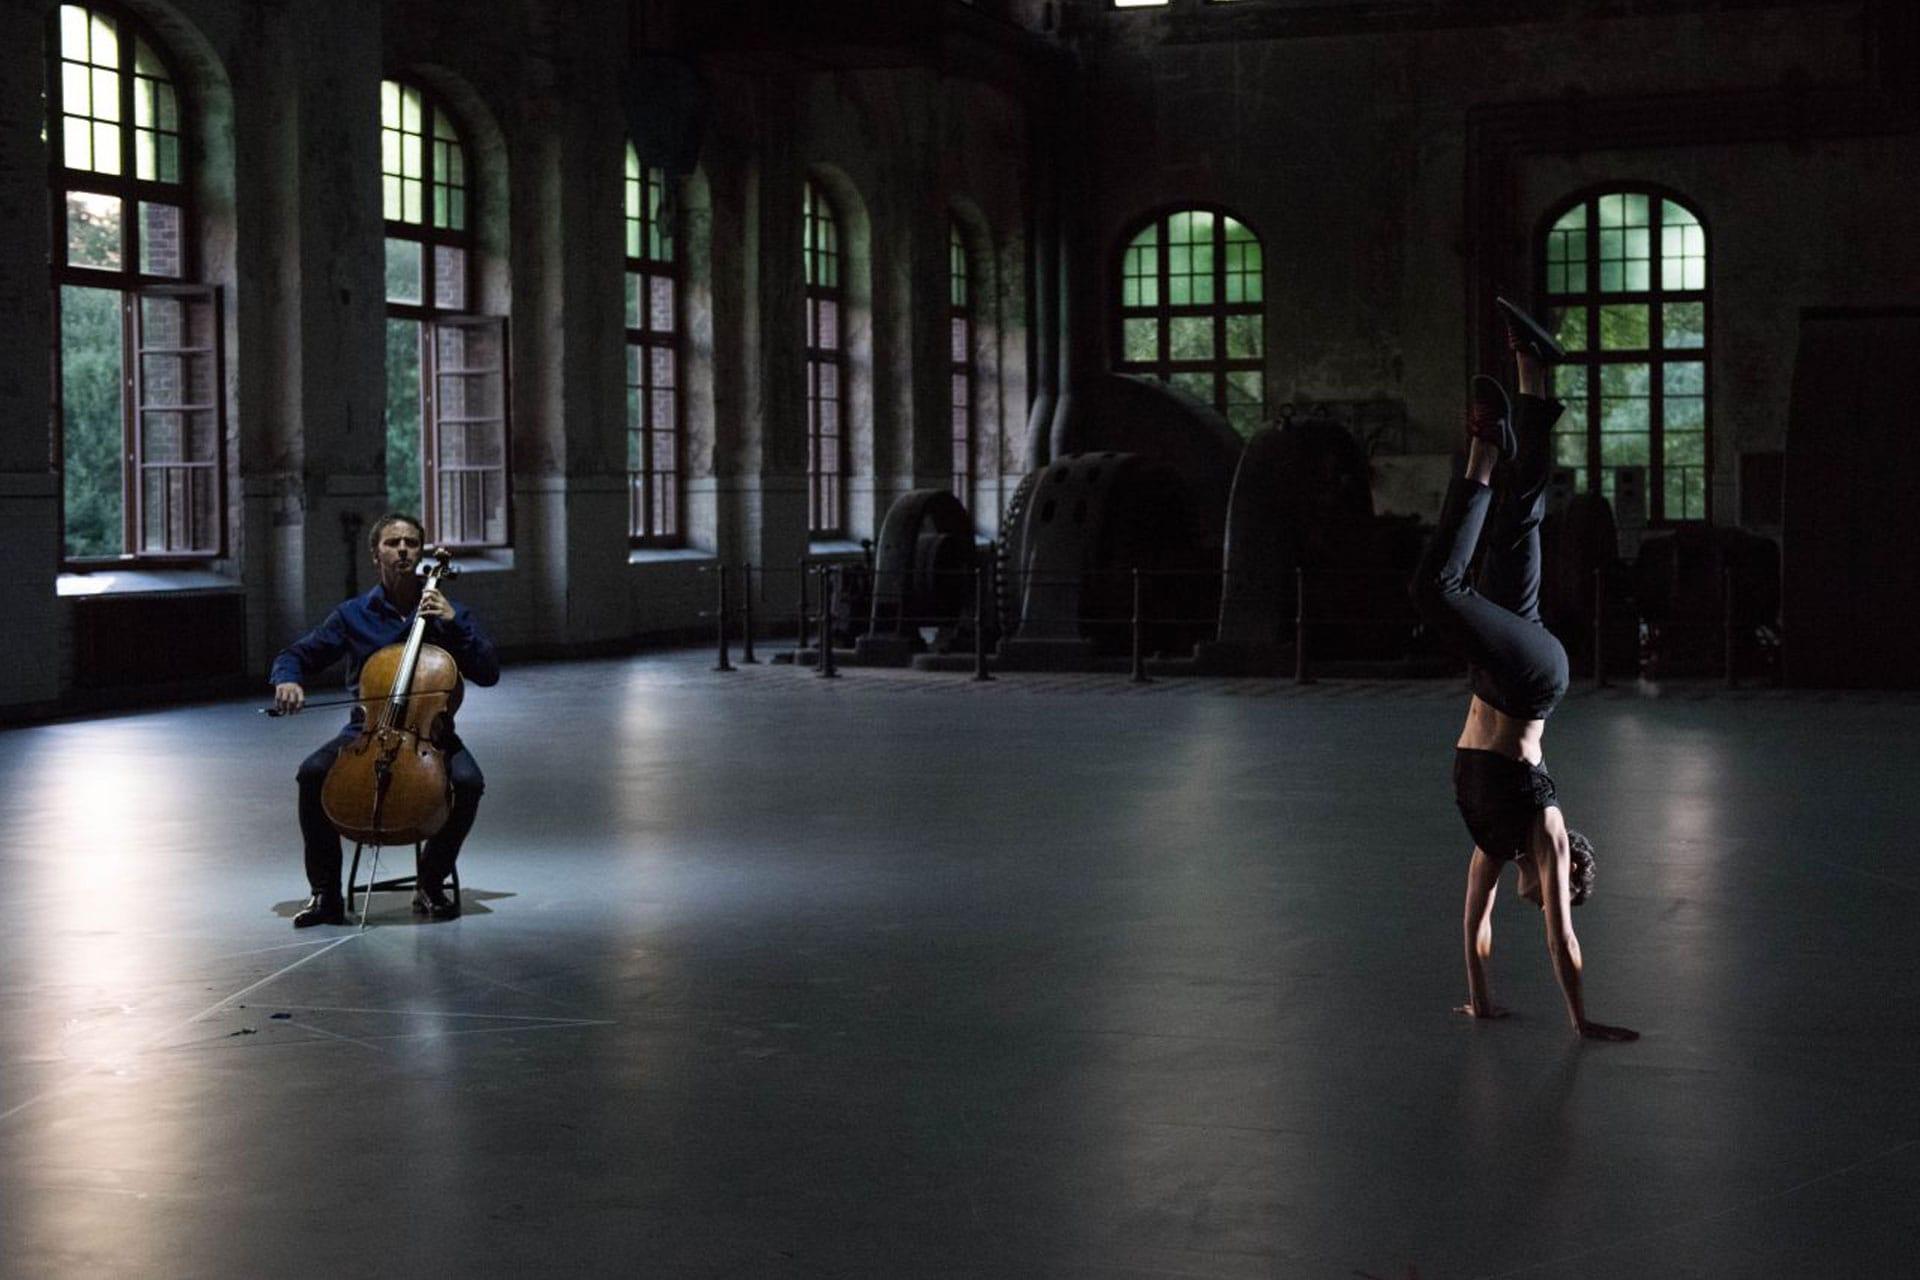 Jean guihen Queyras et une danseuse